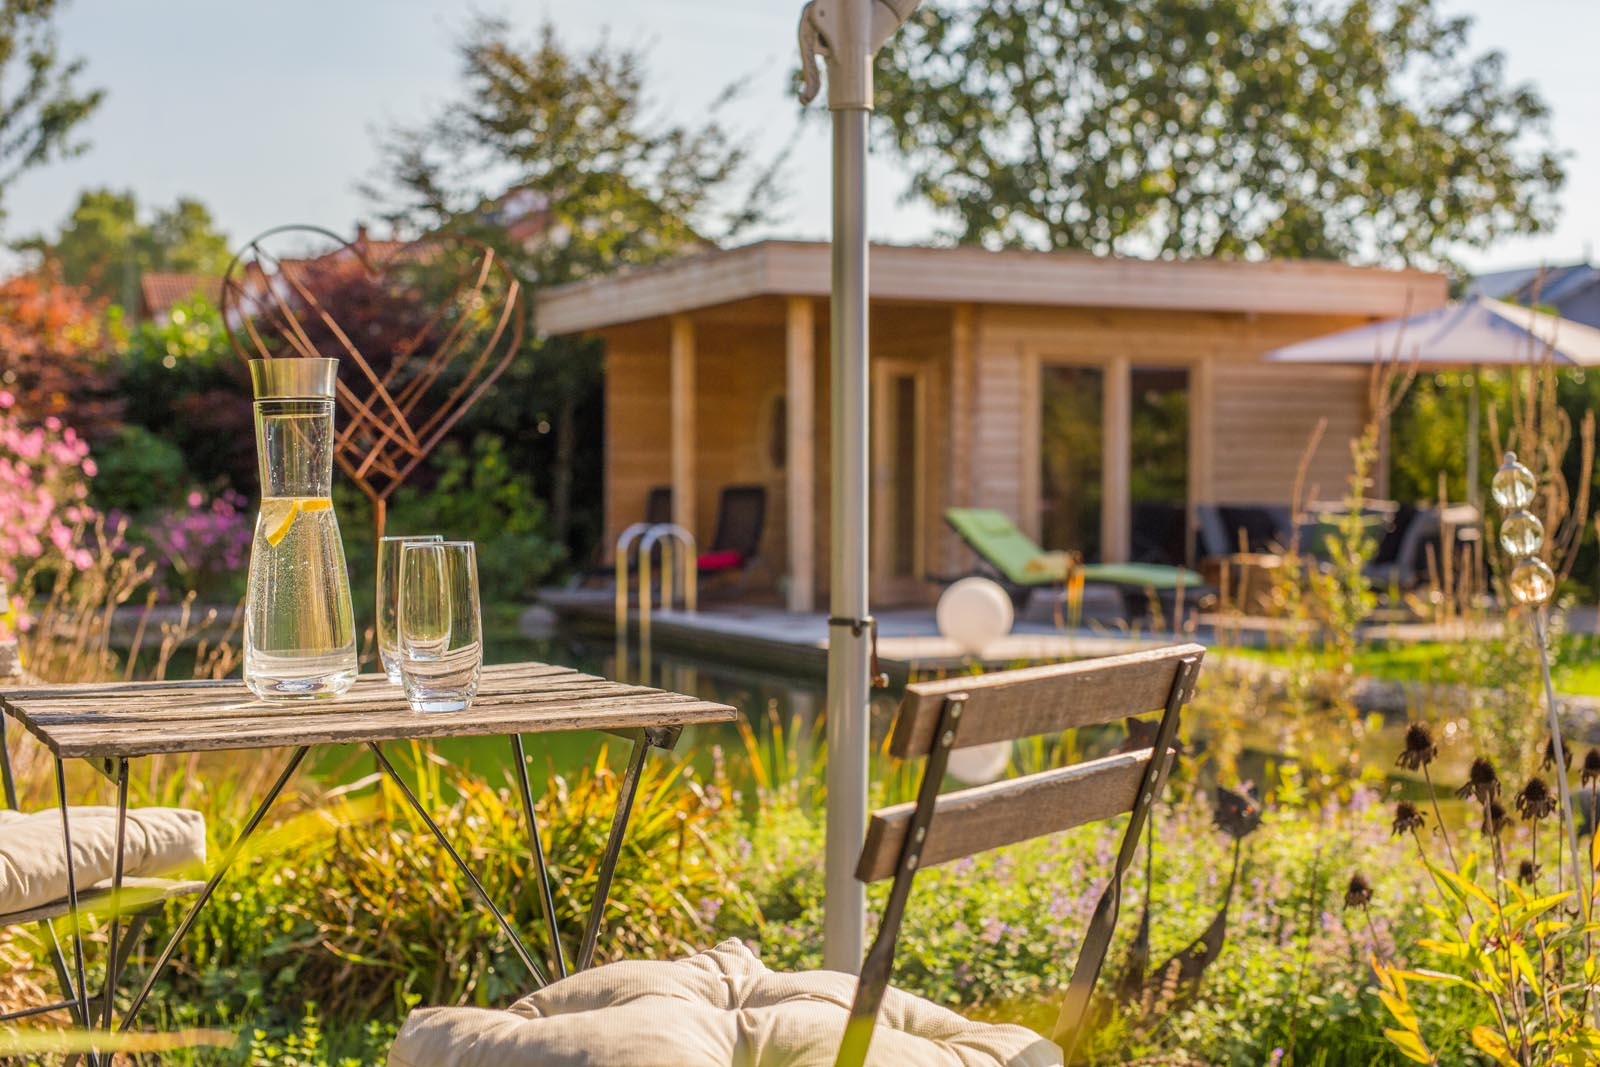 romantische r ckzugsorte im garten weiland gr nbau garten und landschaftsbau aus mannheim. Black Bedroom Furniture Sets. Home Design Ideas